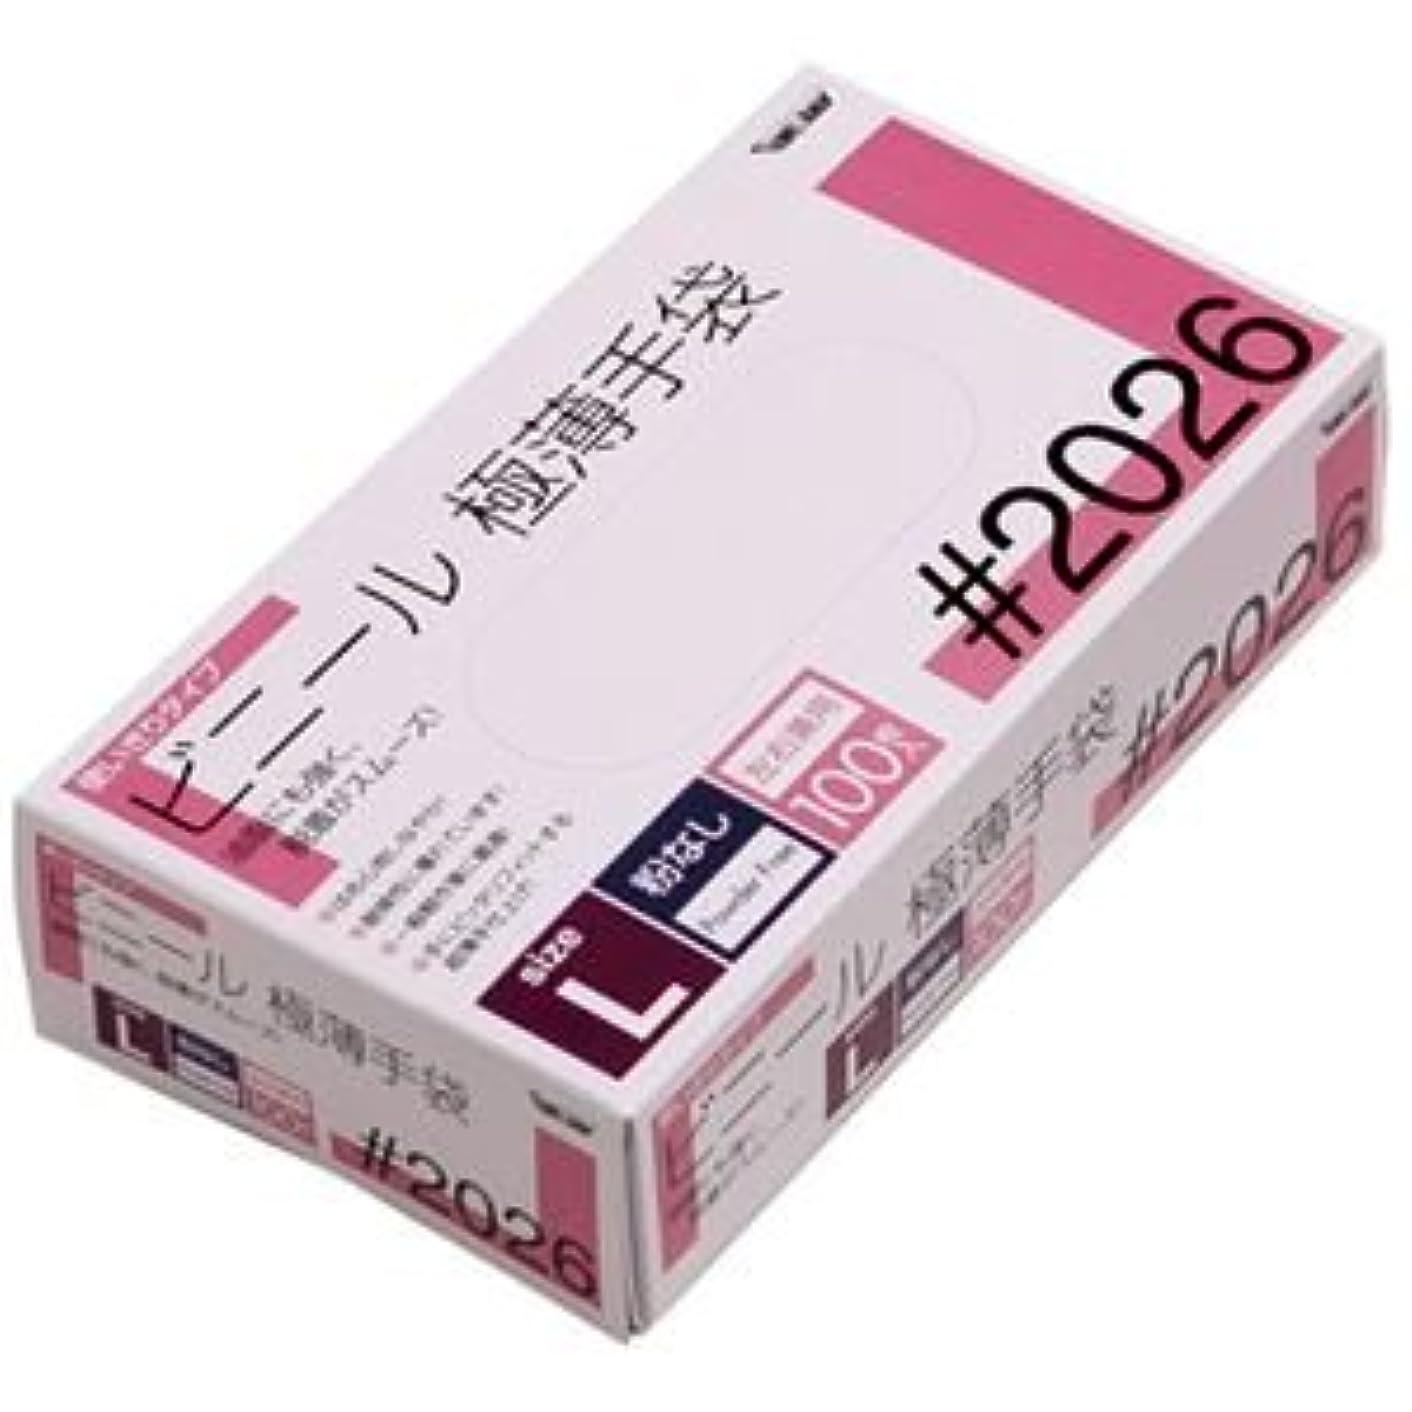 ダイアクリティカル健康的謝罪川西工業 ビニール極薄手袋 粉なし L 20箱